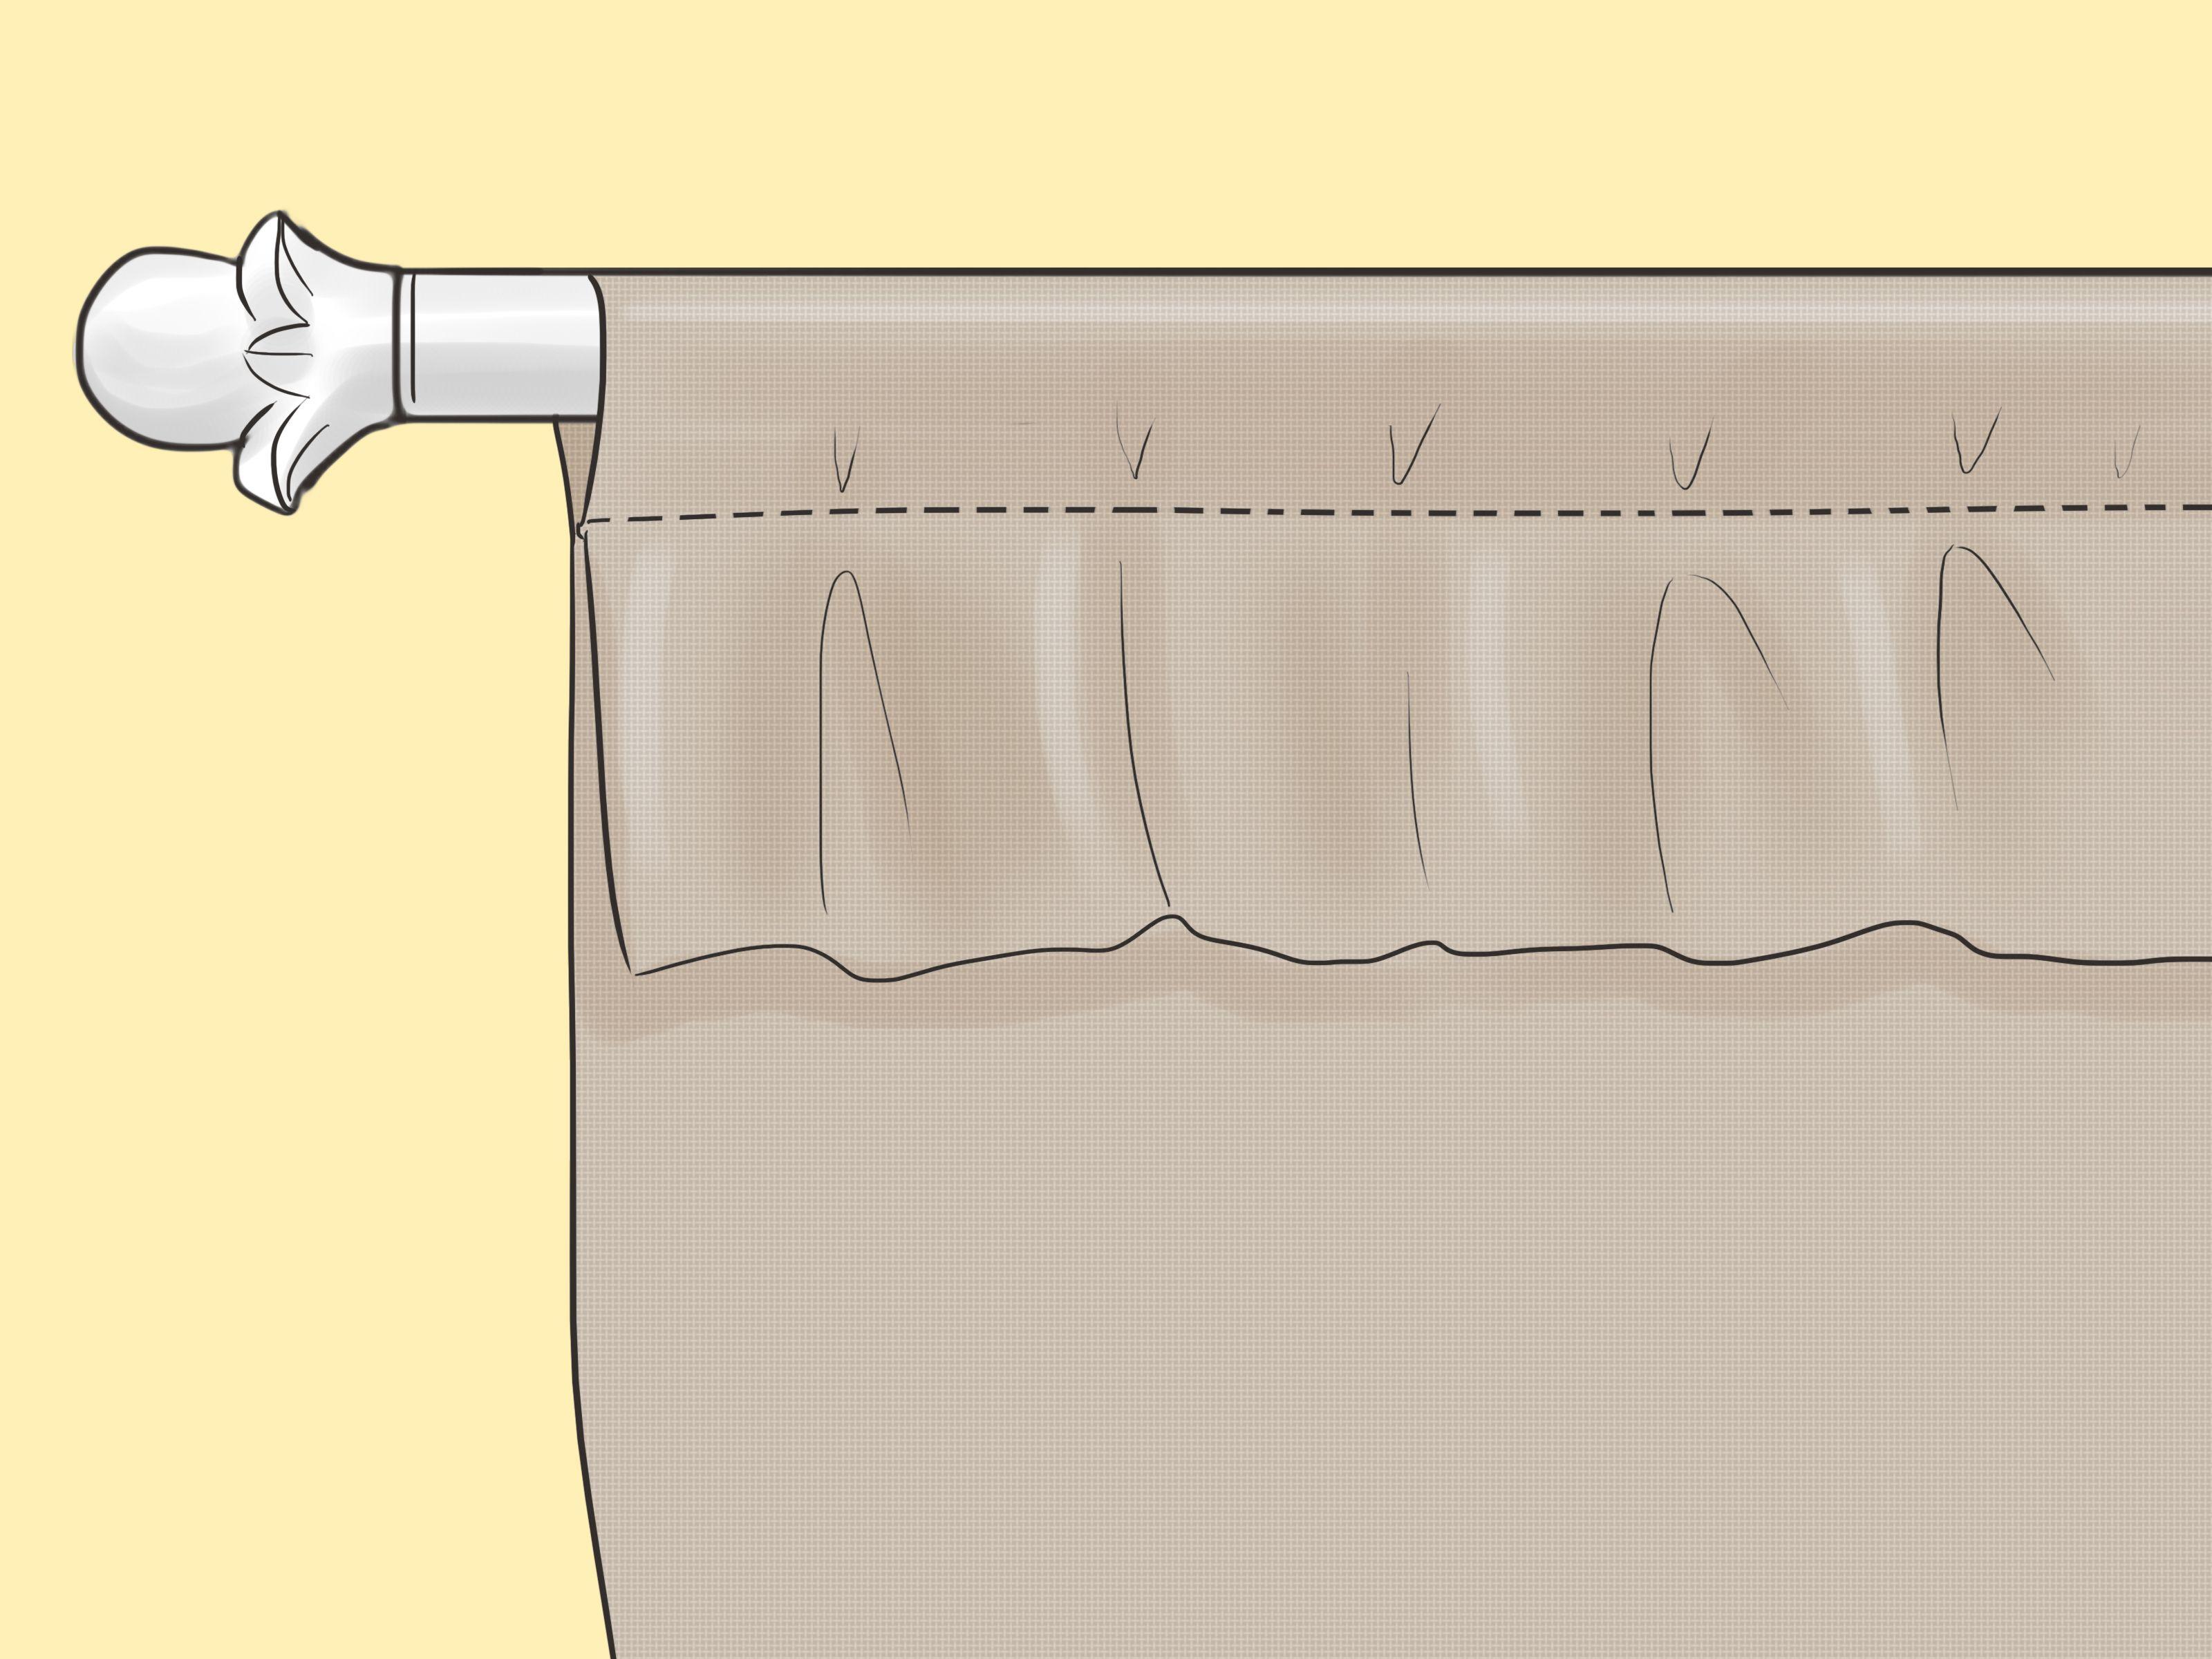 hacer cortinas | costura varios | Curtains, Diy curtains y Hanging ...